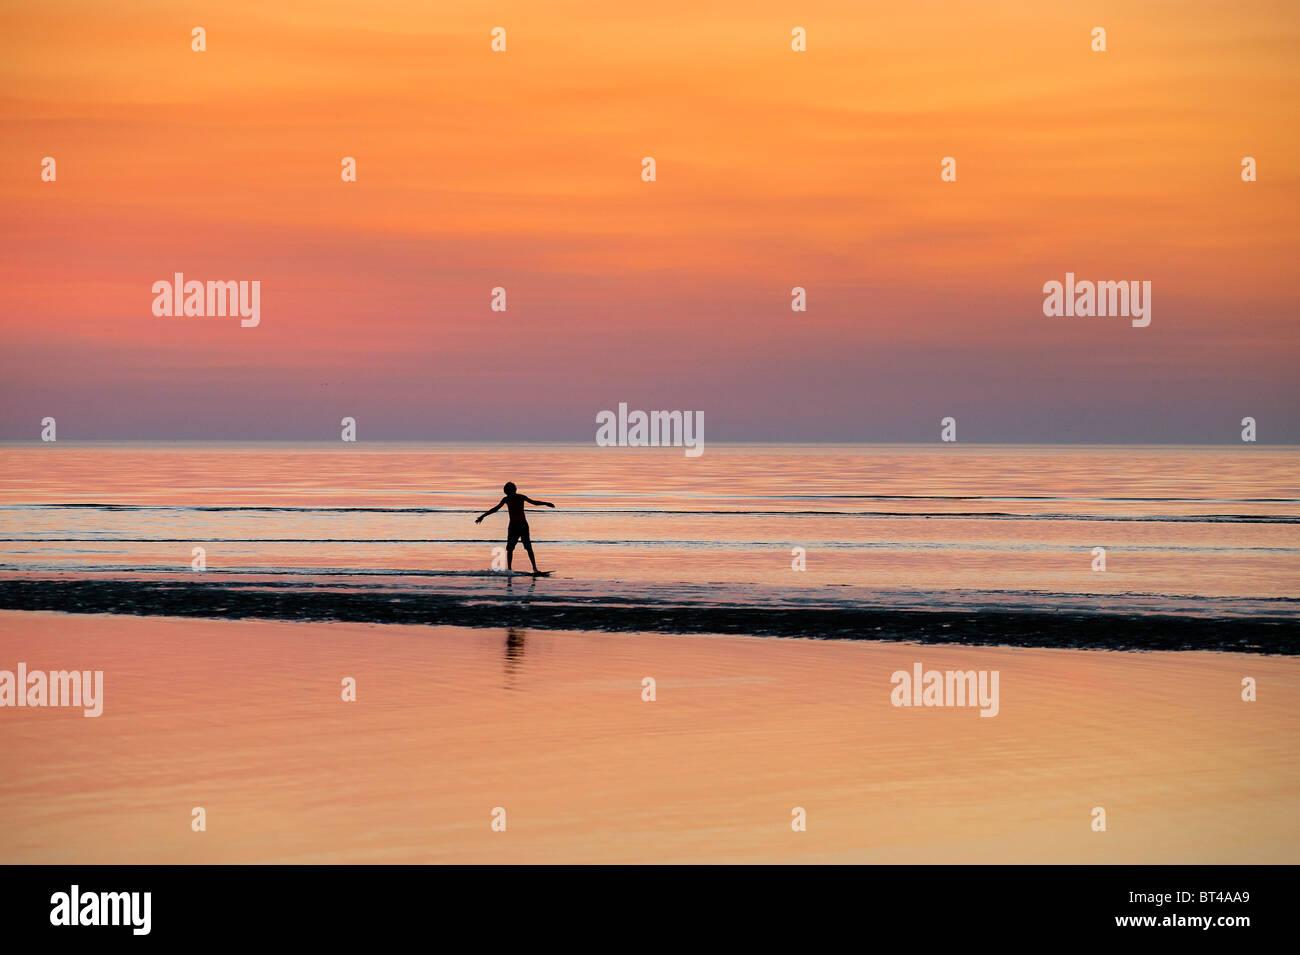 Boogie boarding, Skaket Beach, Orleans, Cape Cod, Massachusetts - Stock Image